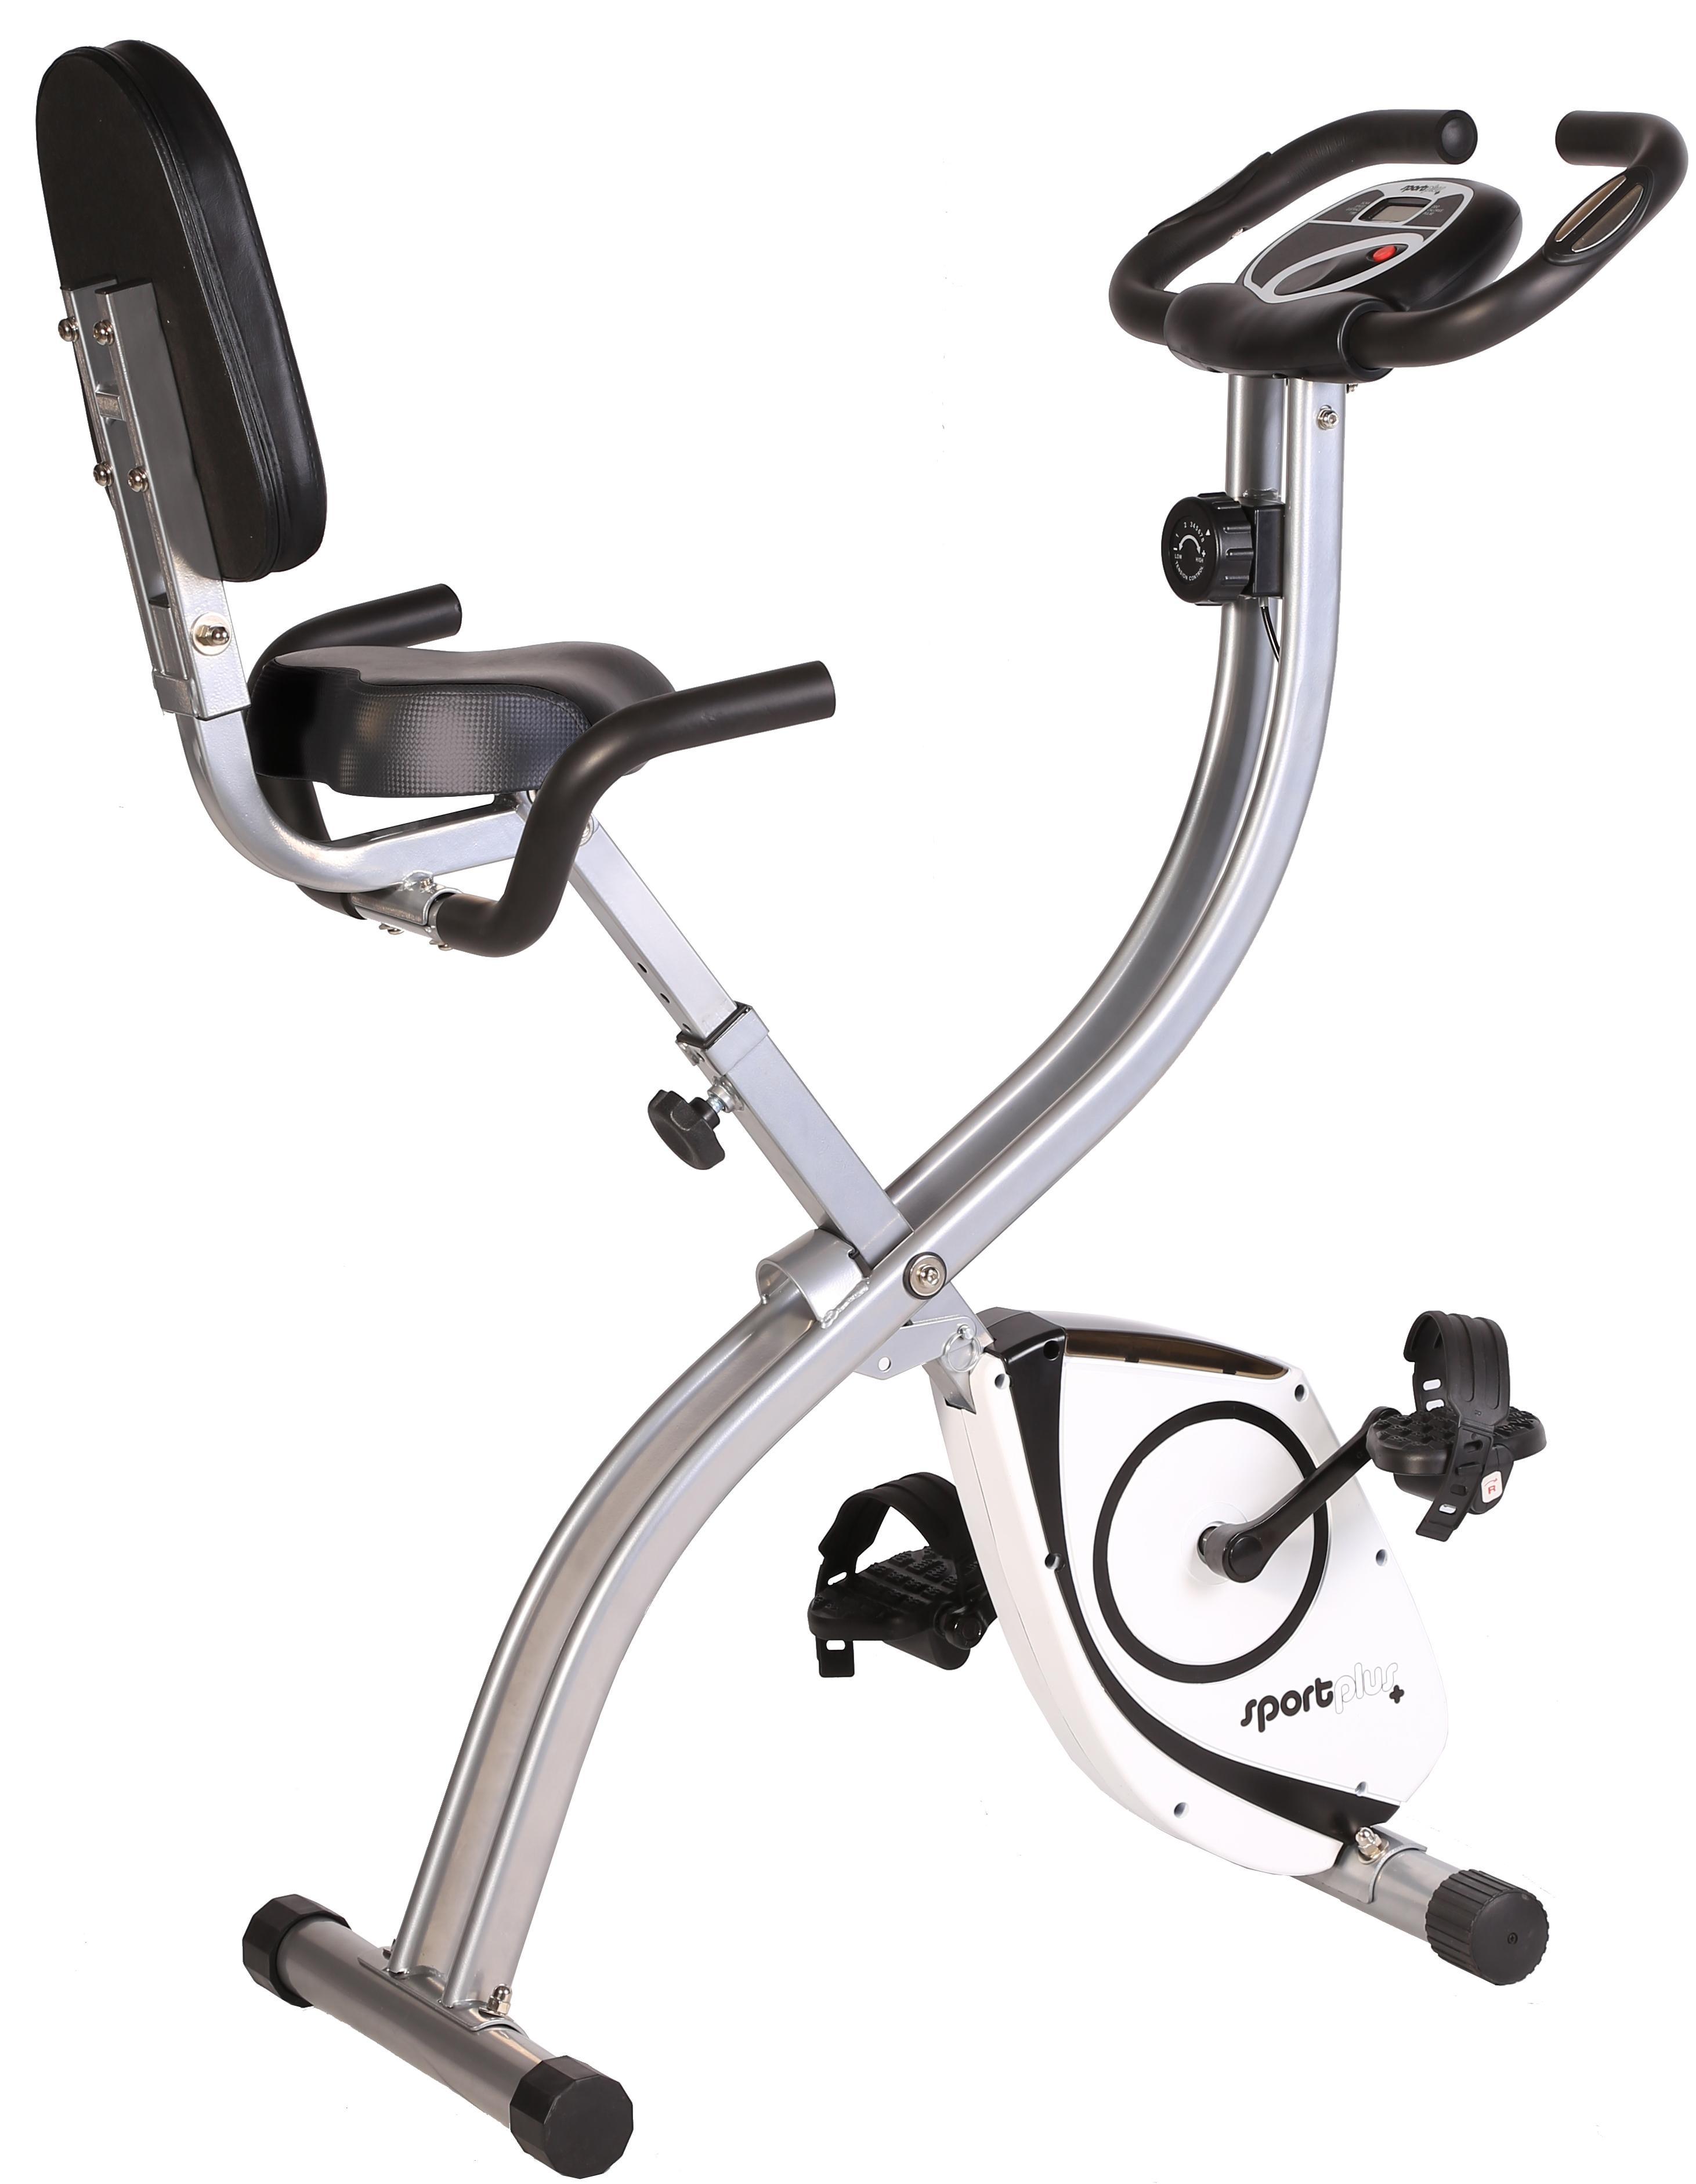 Sportplus cyclette s bike bicicletta da camera con for Benefici della cyclette da camera